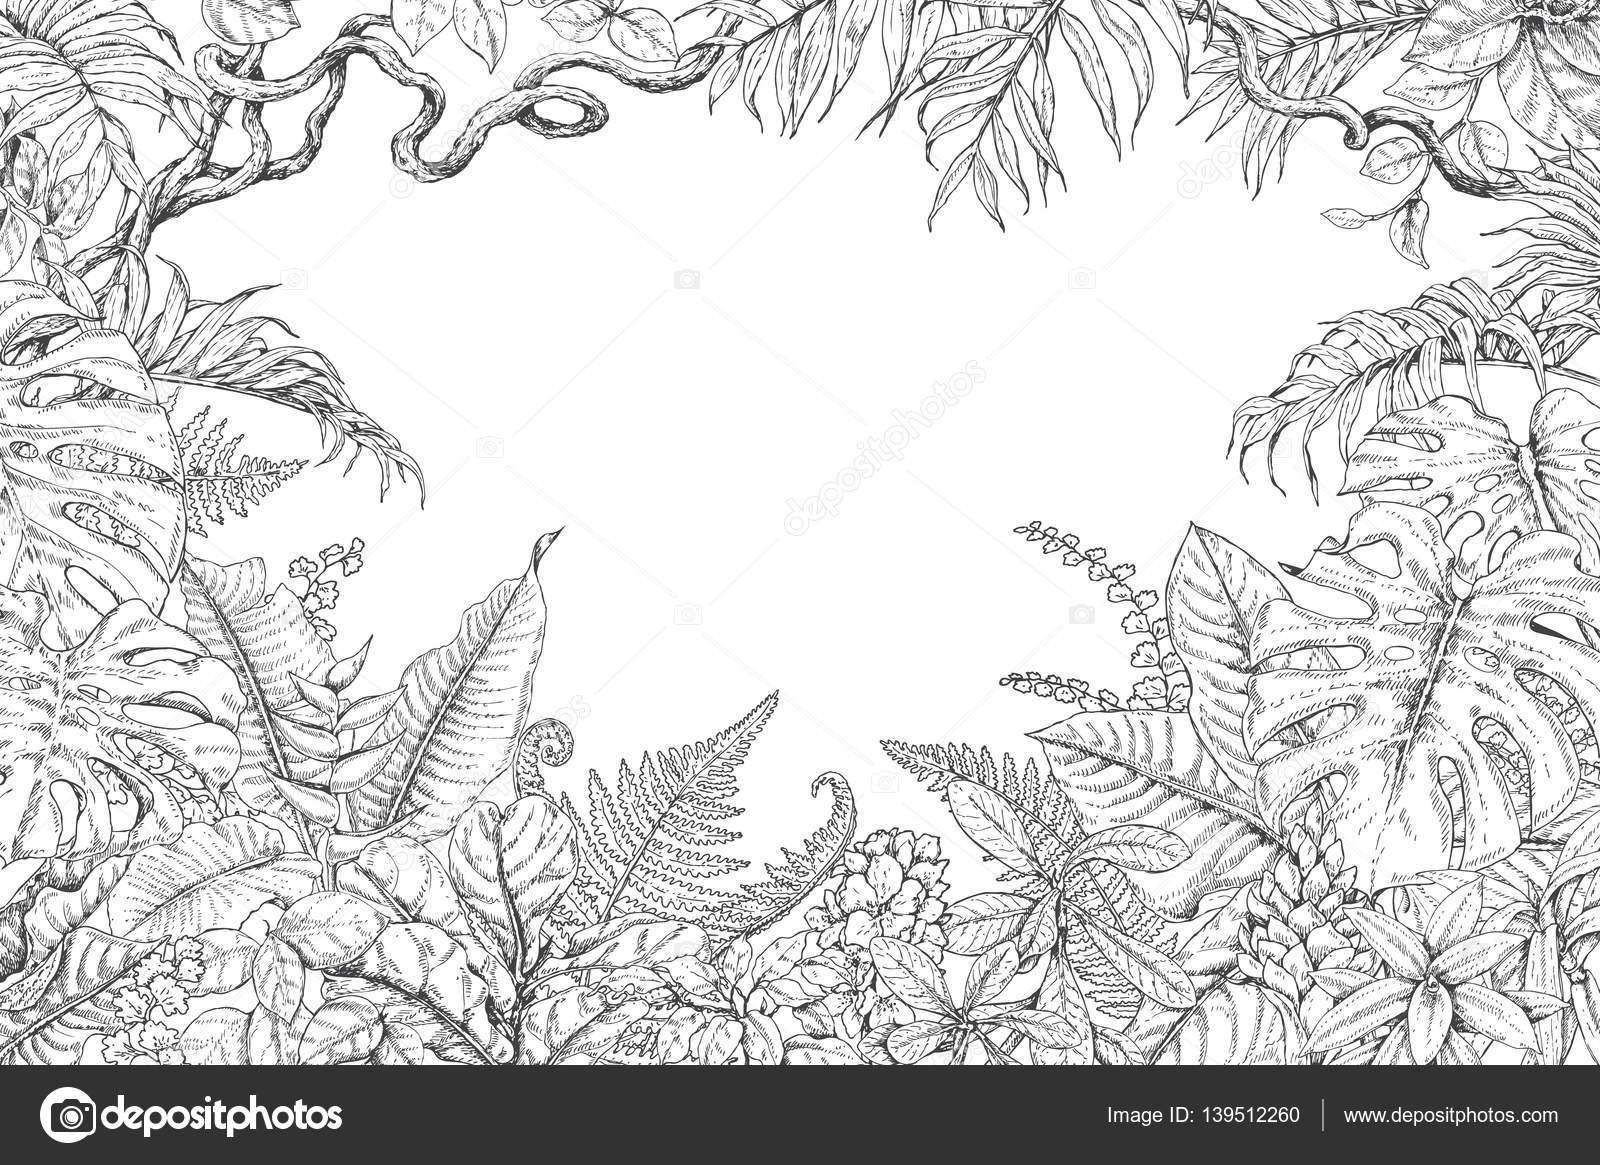 Imágenes: marco de la selva para colorear | Marco plantas tropicales ...